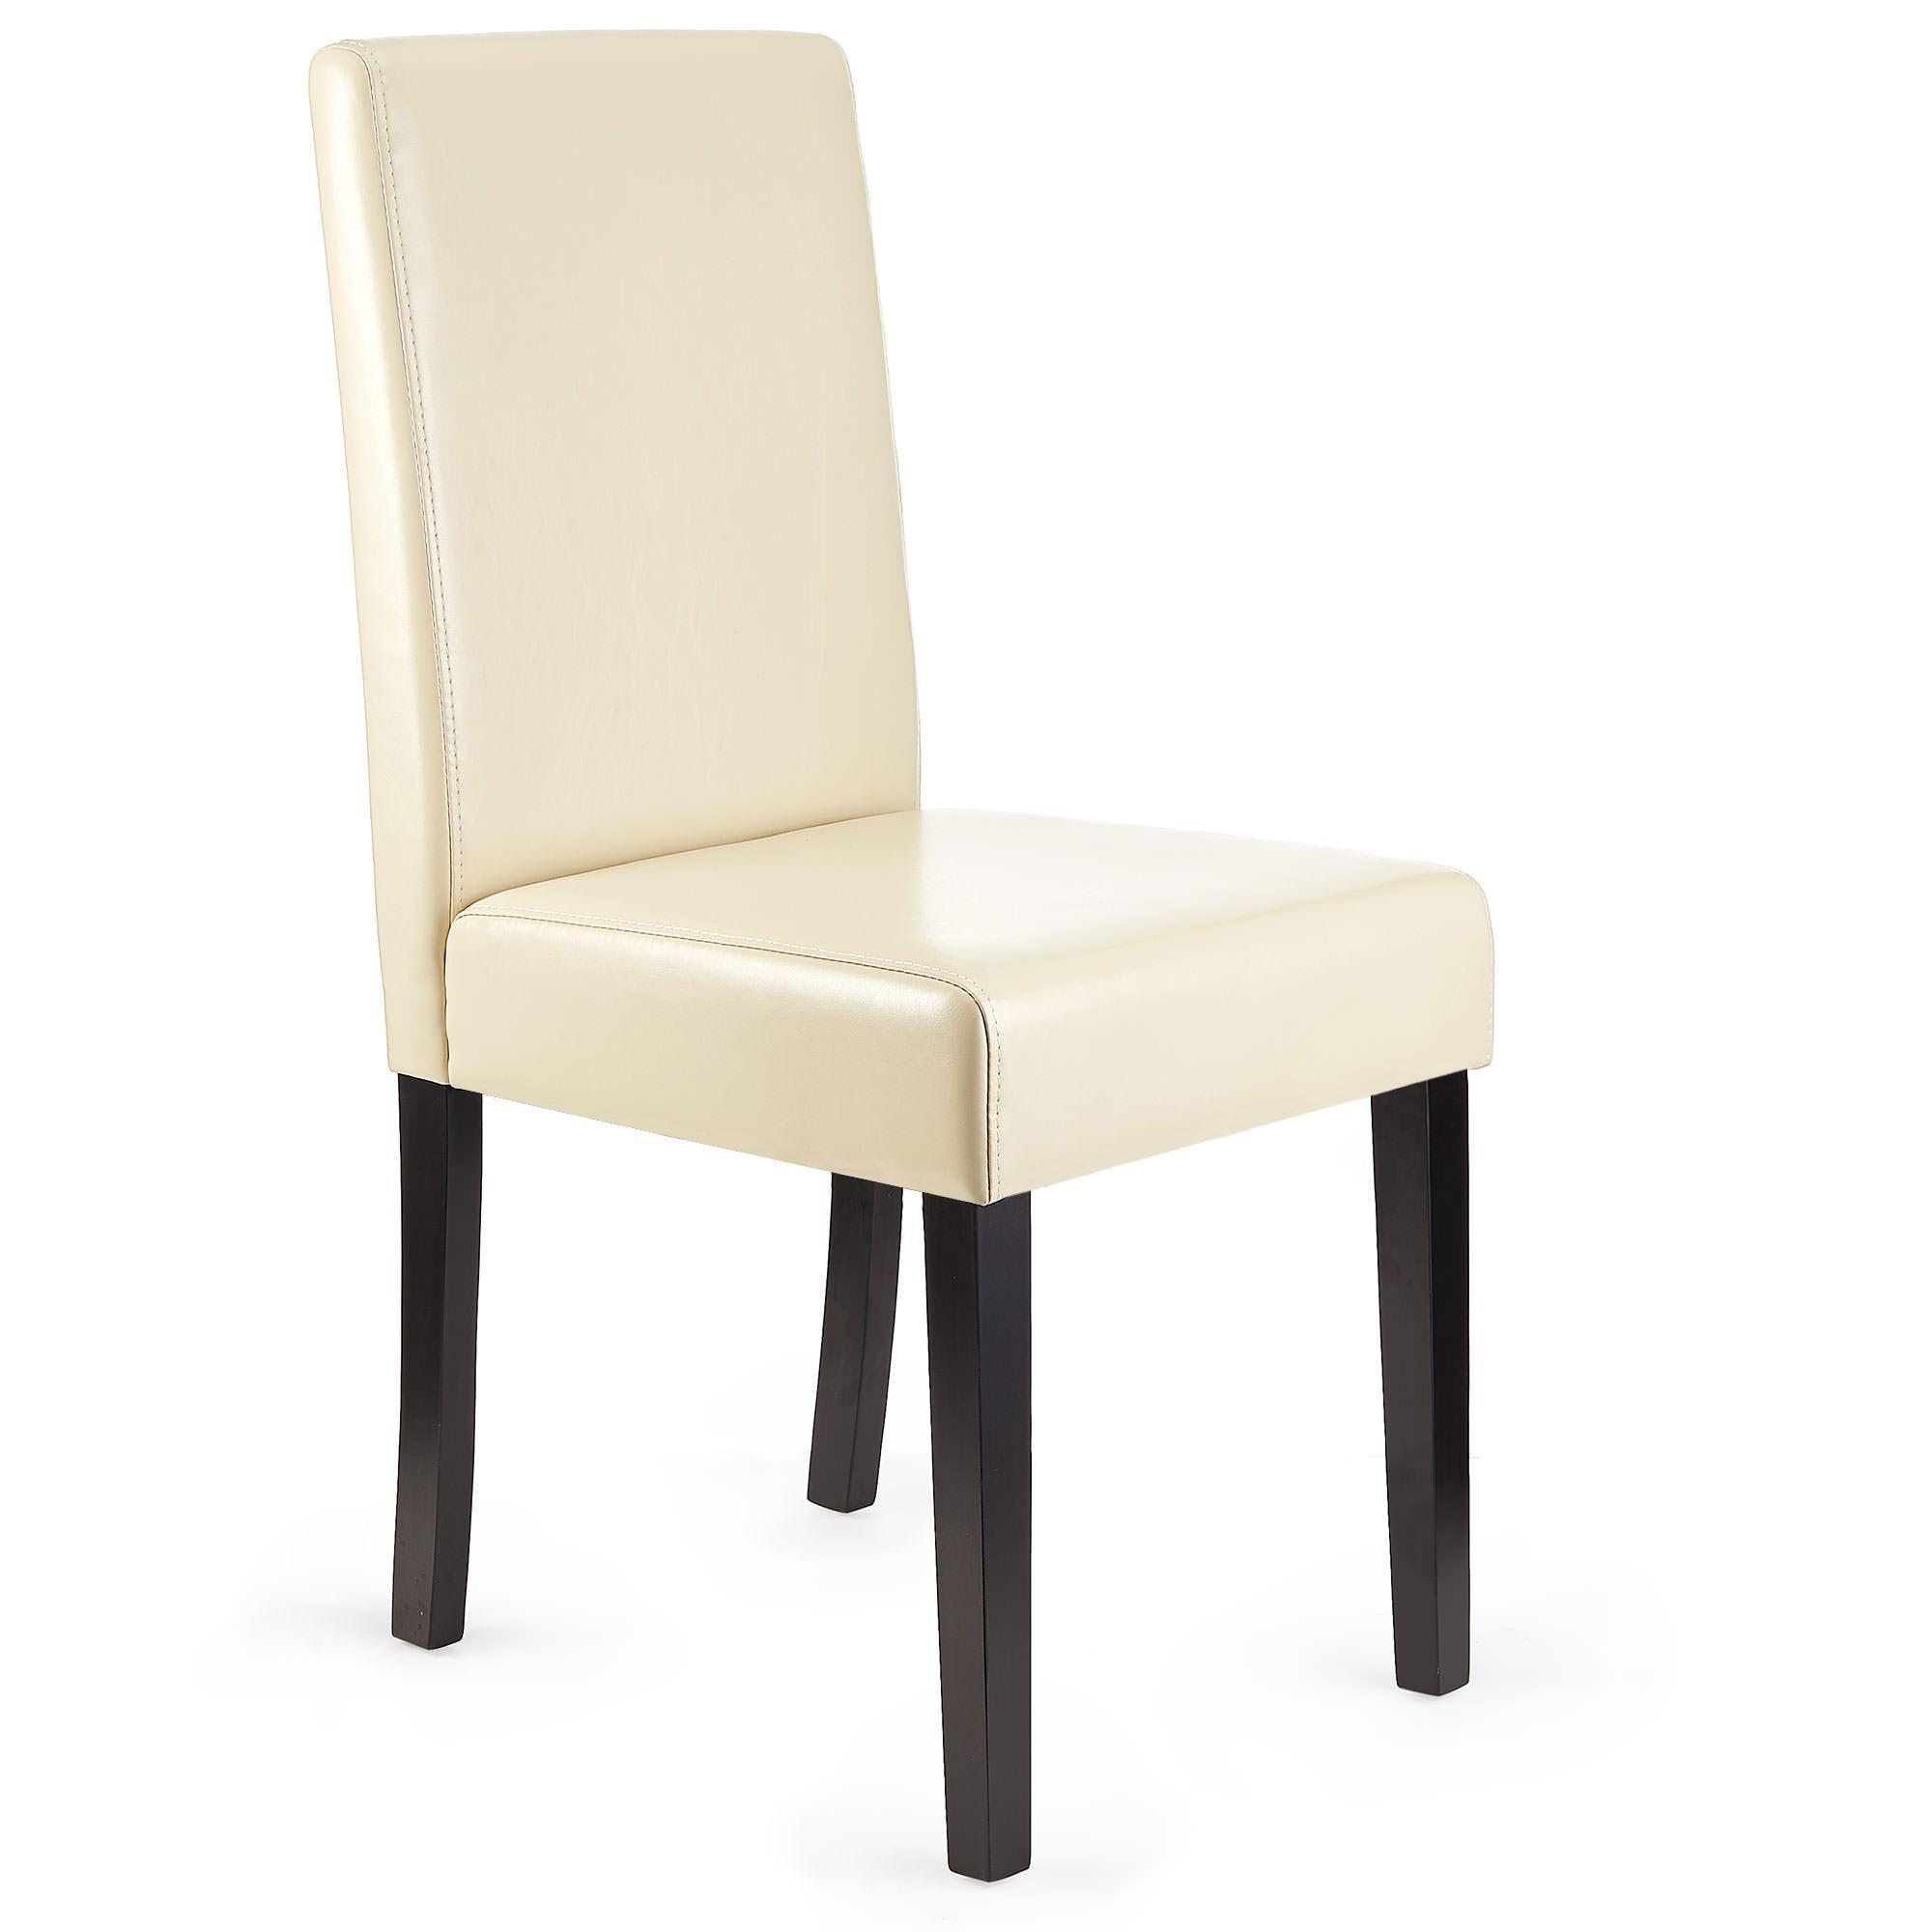 Lote 6 sillas m01 madera y polipiel crema patas oscuras - Sillas comedor colores ...